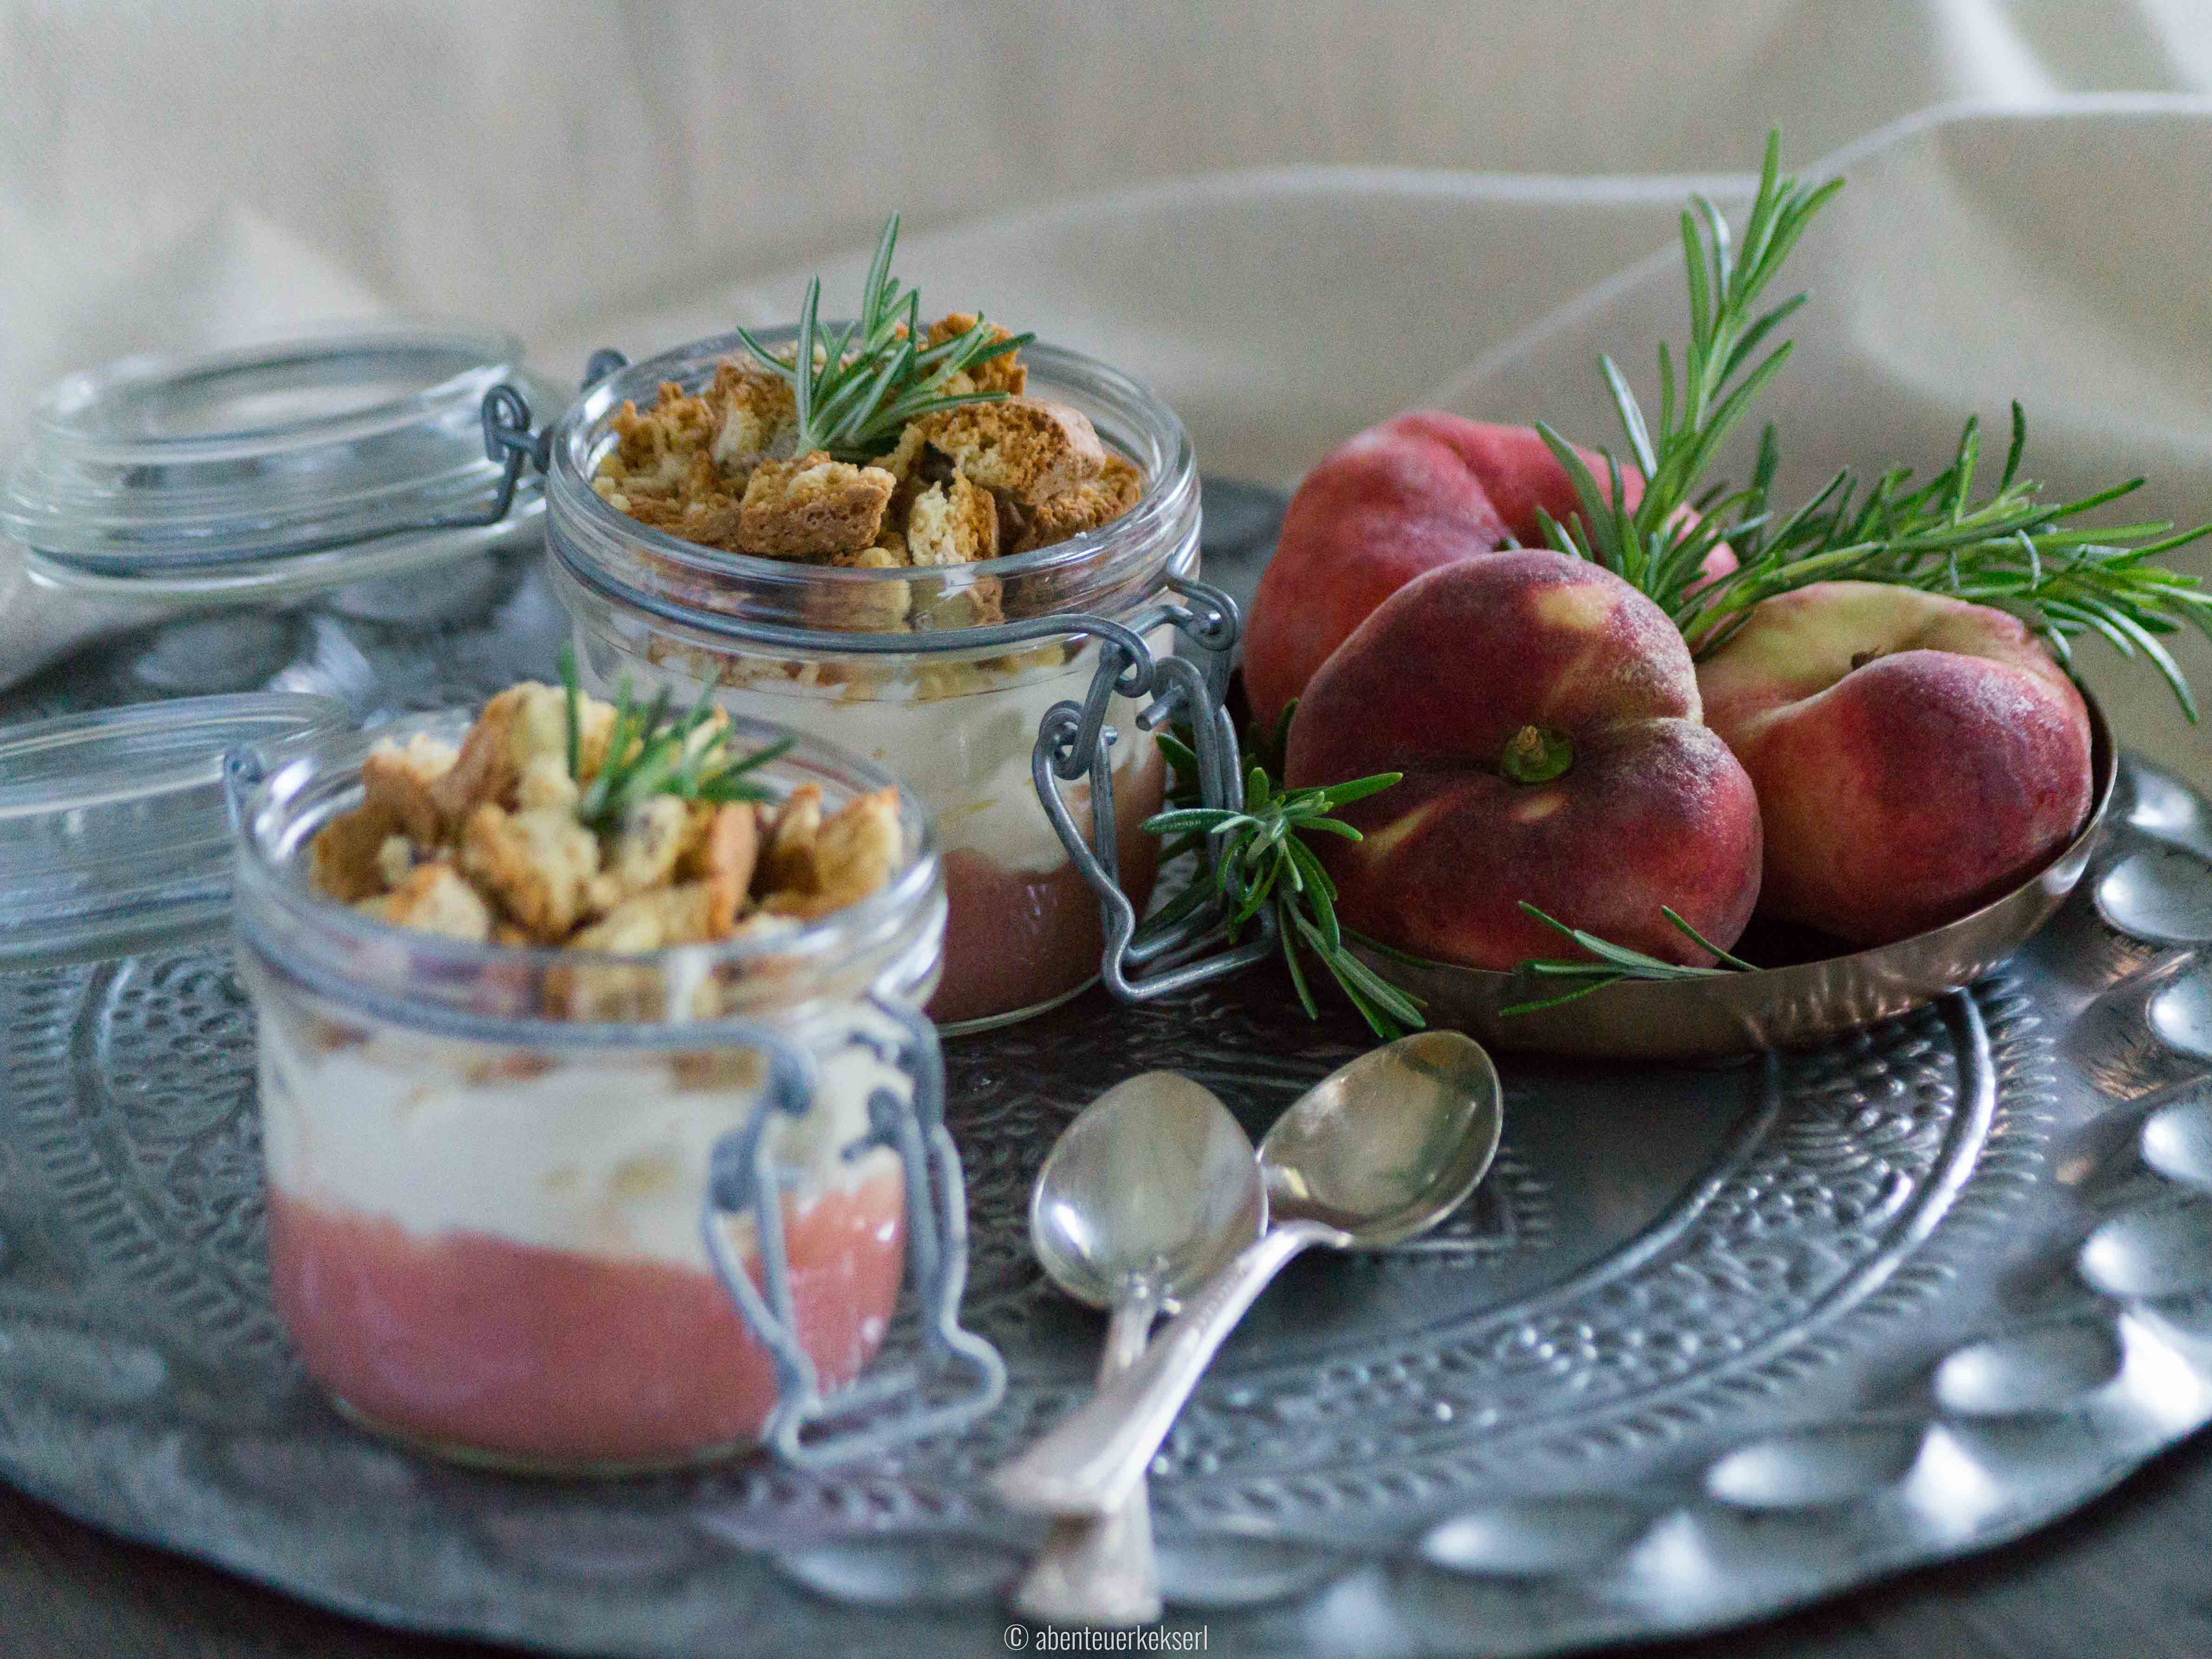 Sommer-Schichtdessert mit Weinbergpfirsich, Rosmarin und Cantuccini